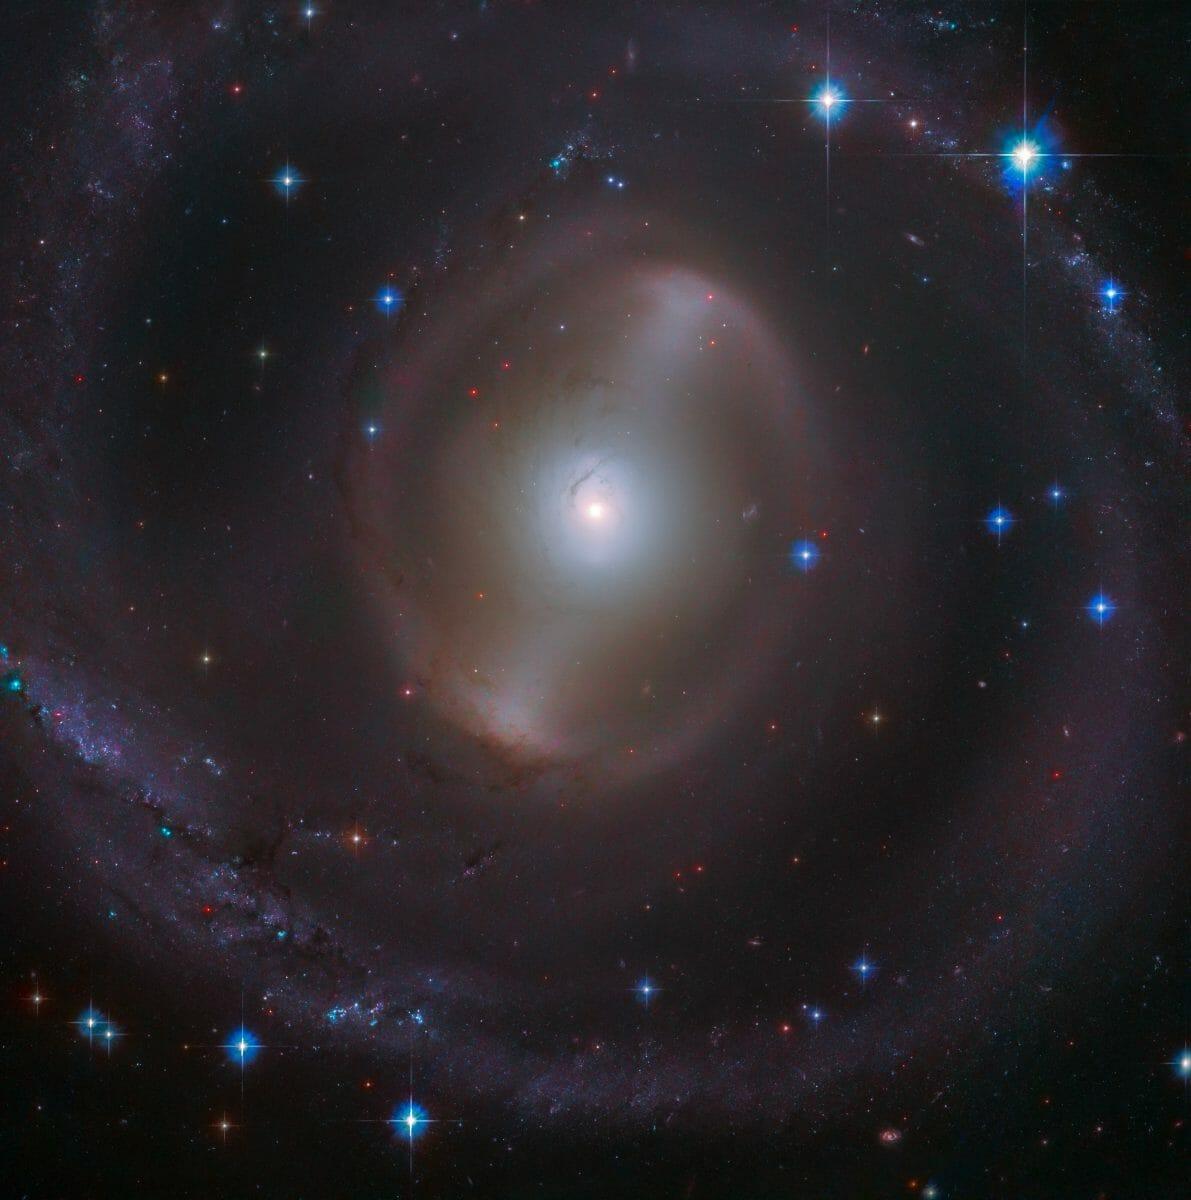 棒渦巻銀河「NGC 2217」(Credit: ESA/Hubble & NASA, J. Dalcanton)